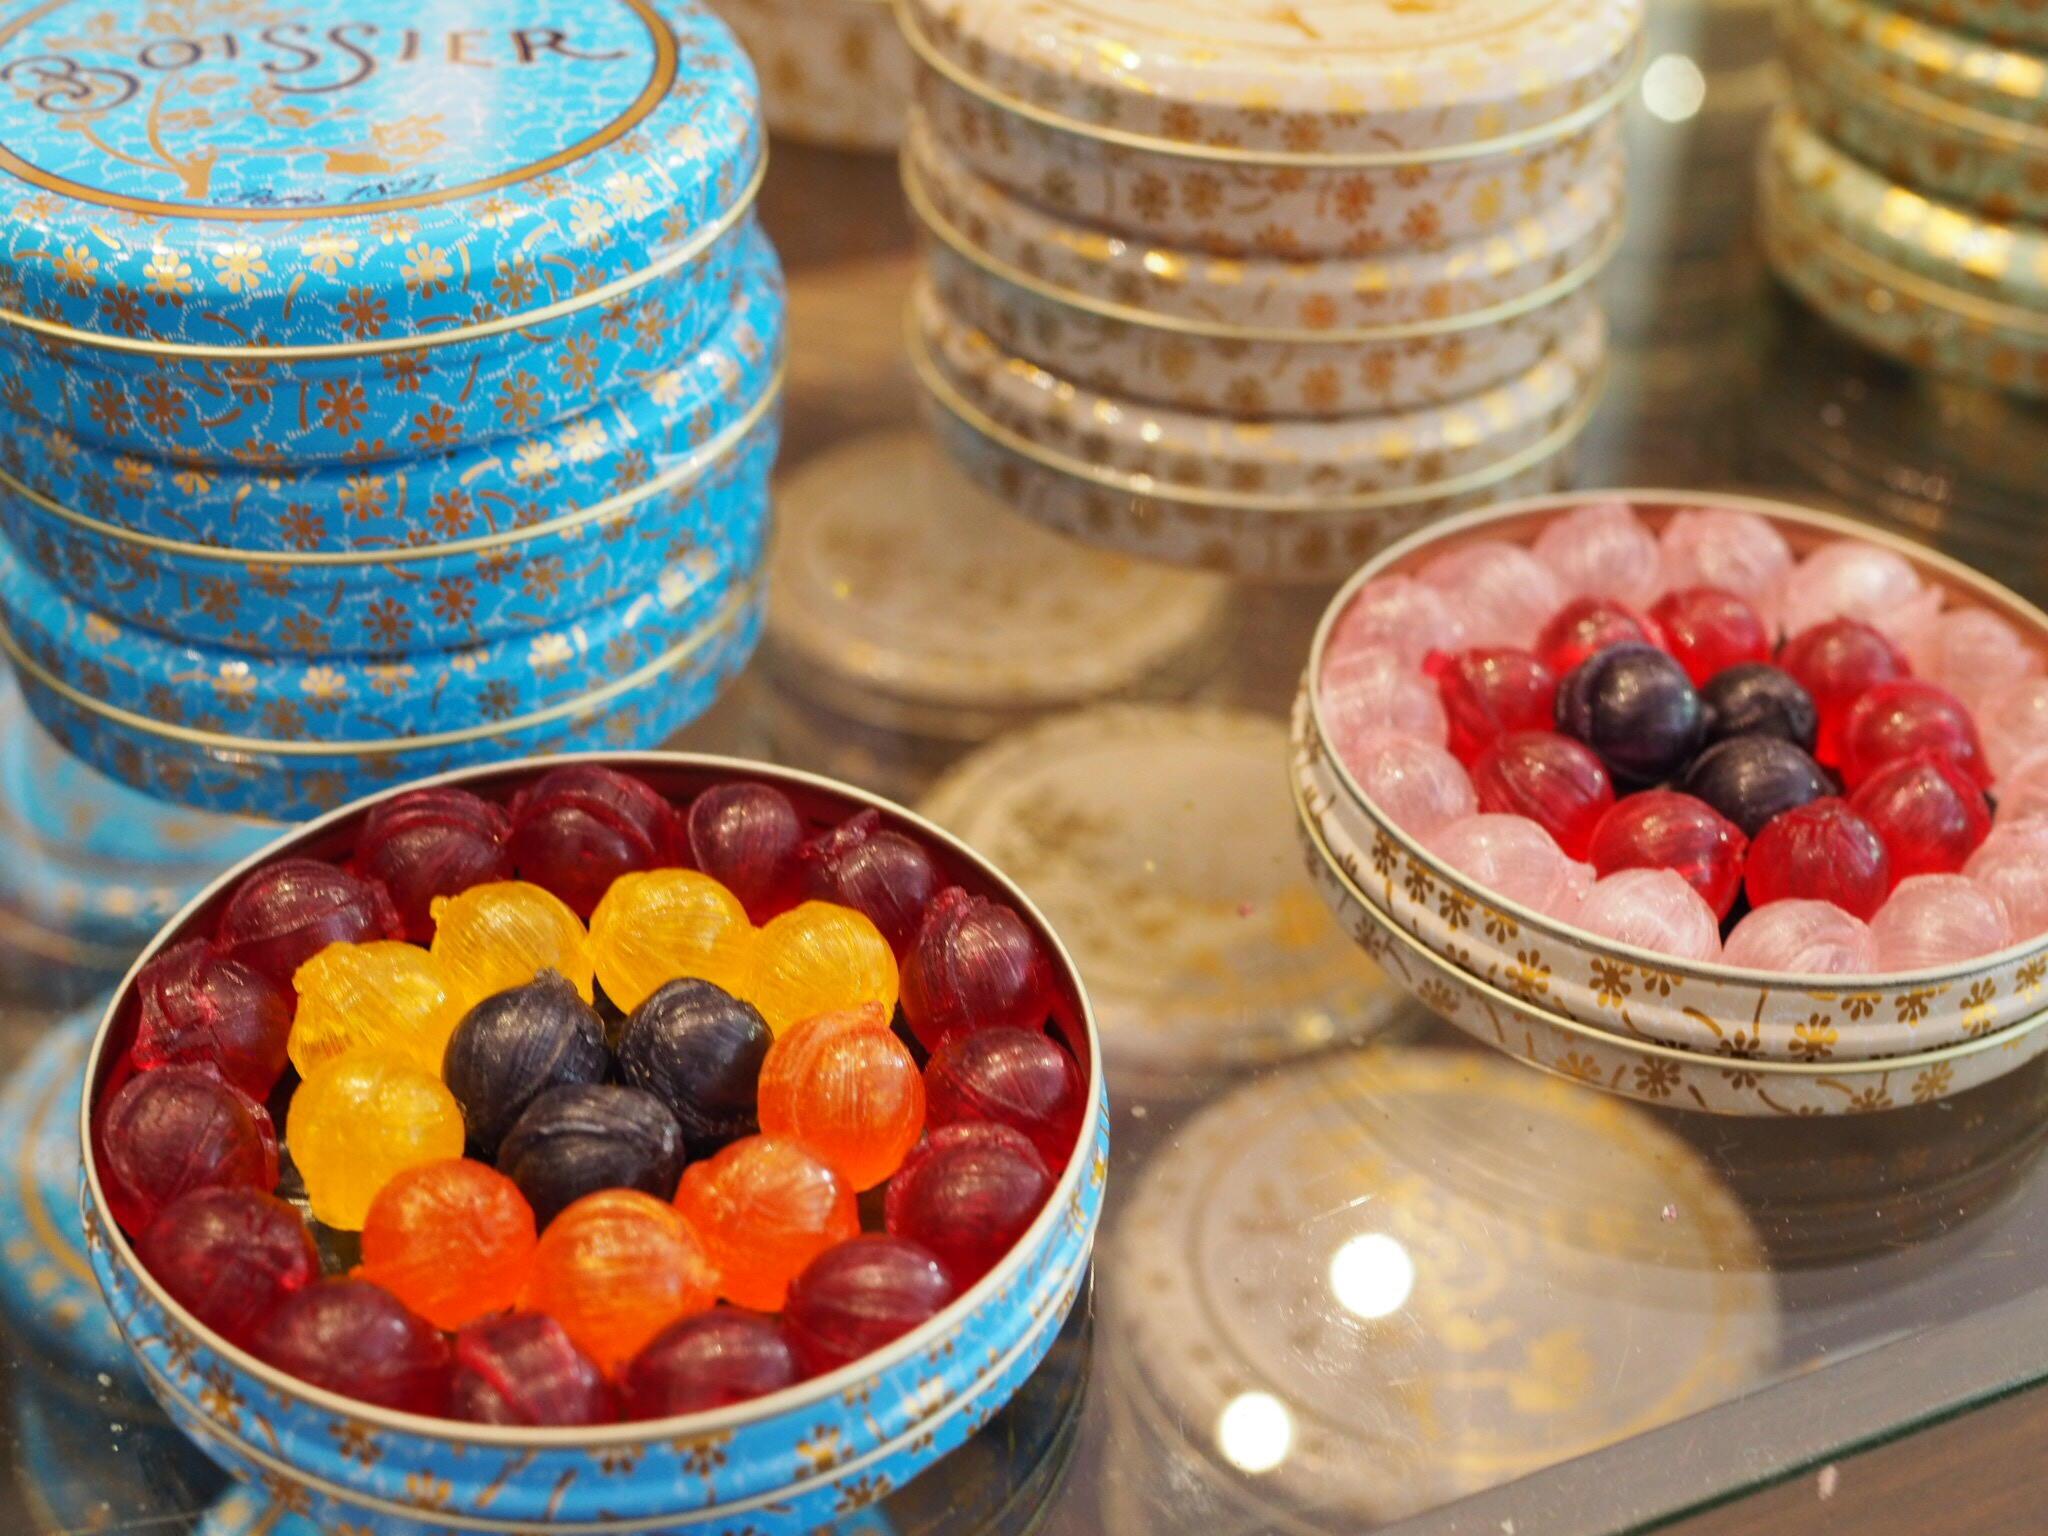 Une présentation de bonbons chez Boissier.